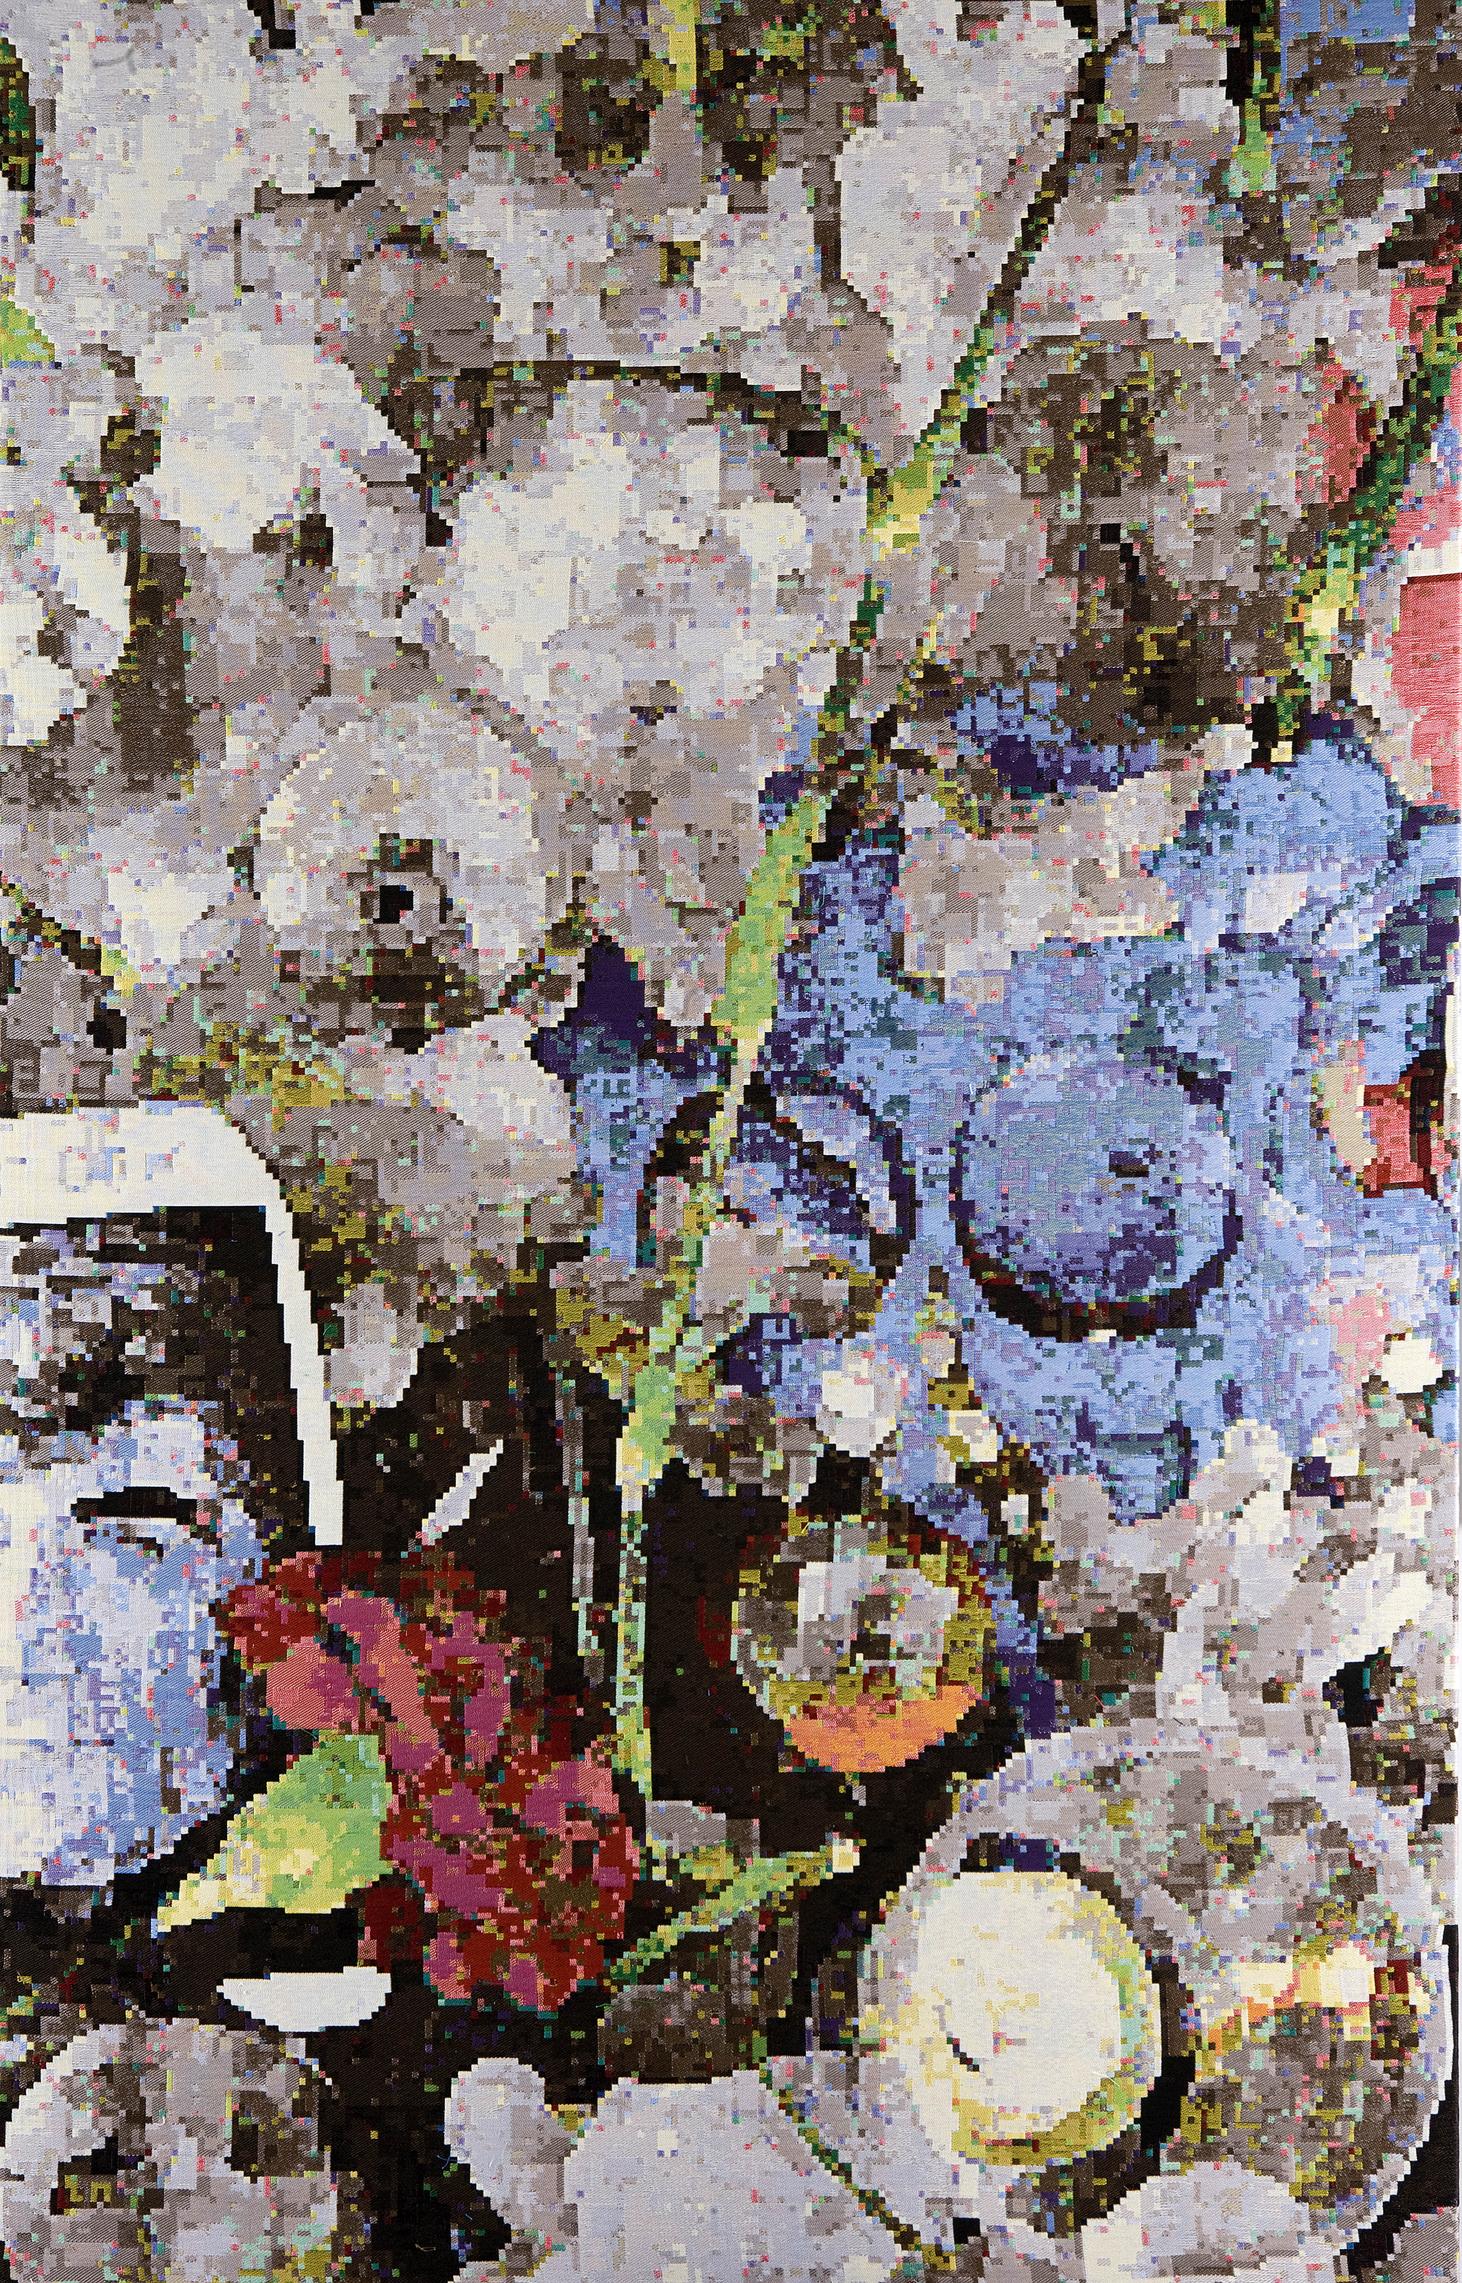 Faith 2009: Istanbul, Jacquard woven, 233 x 149 cm